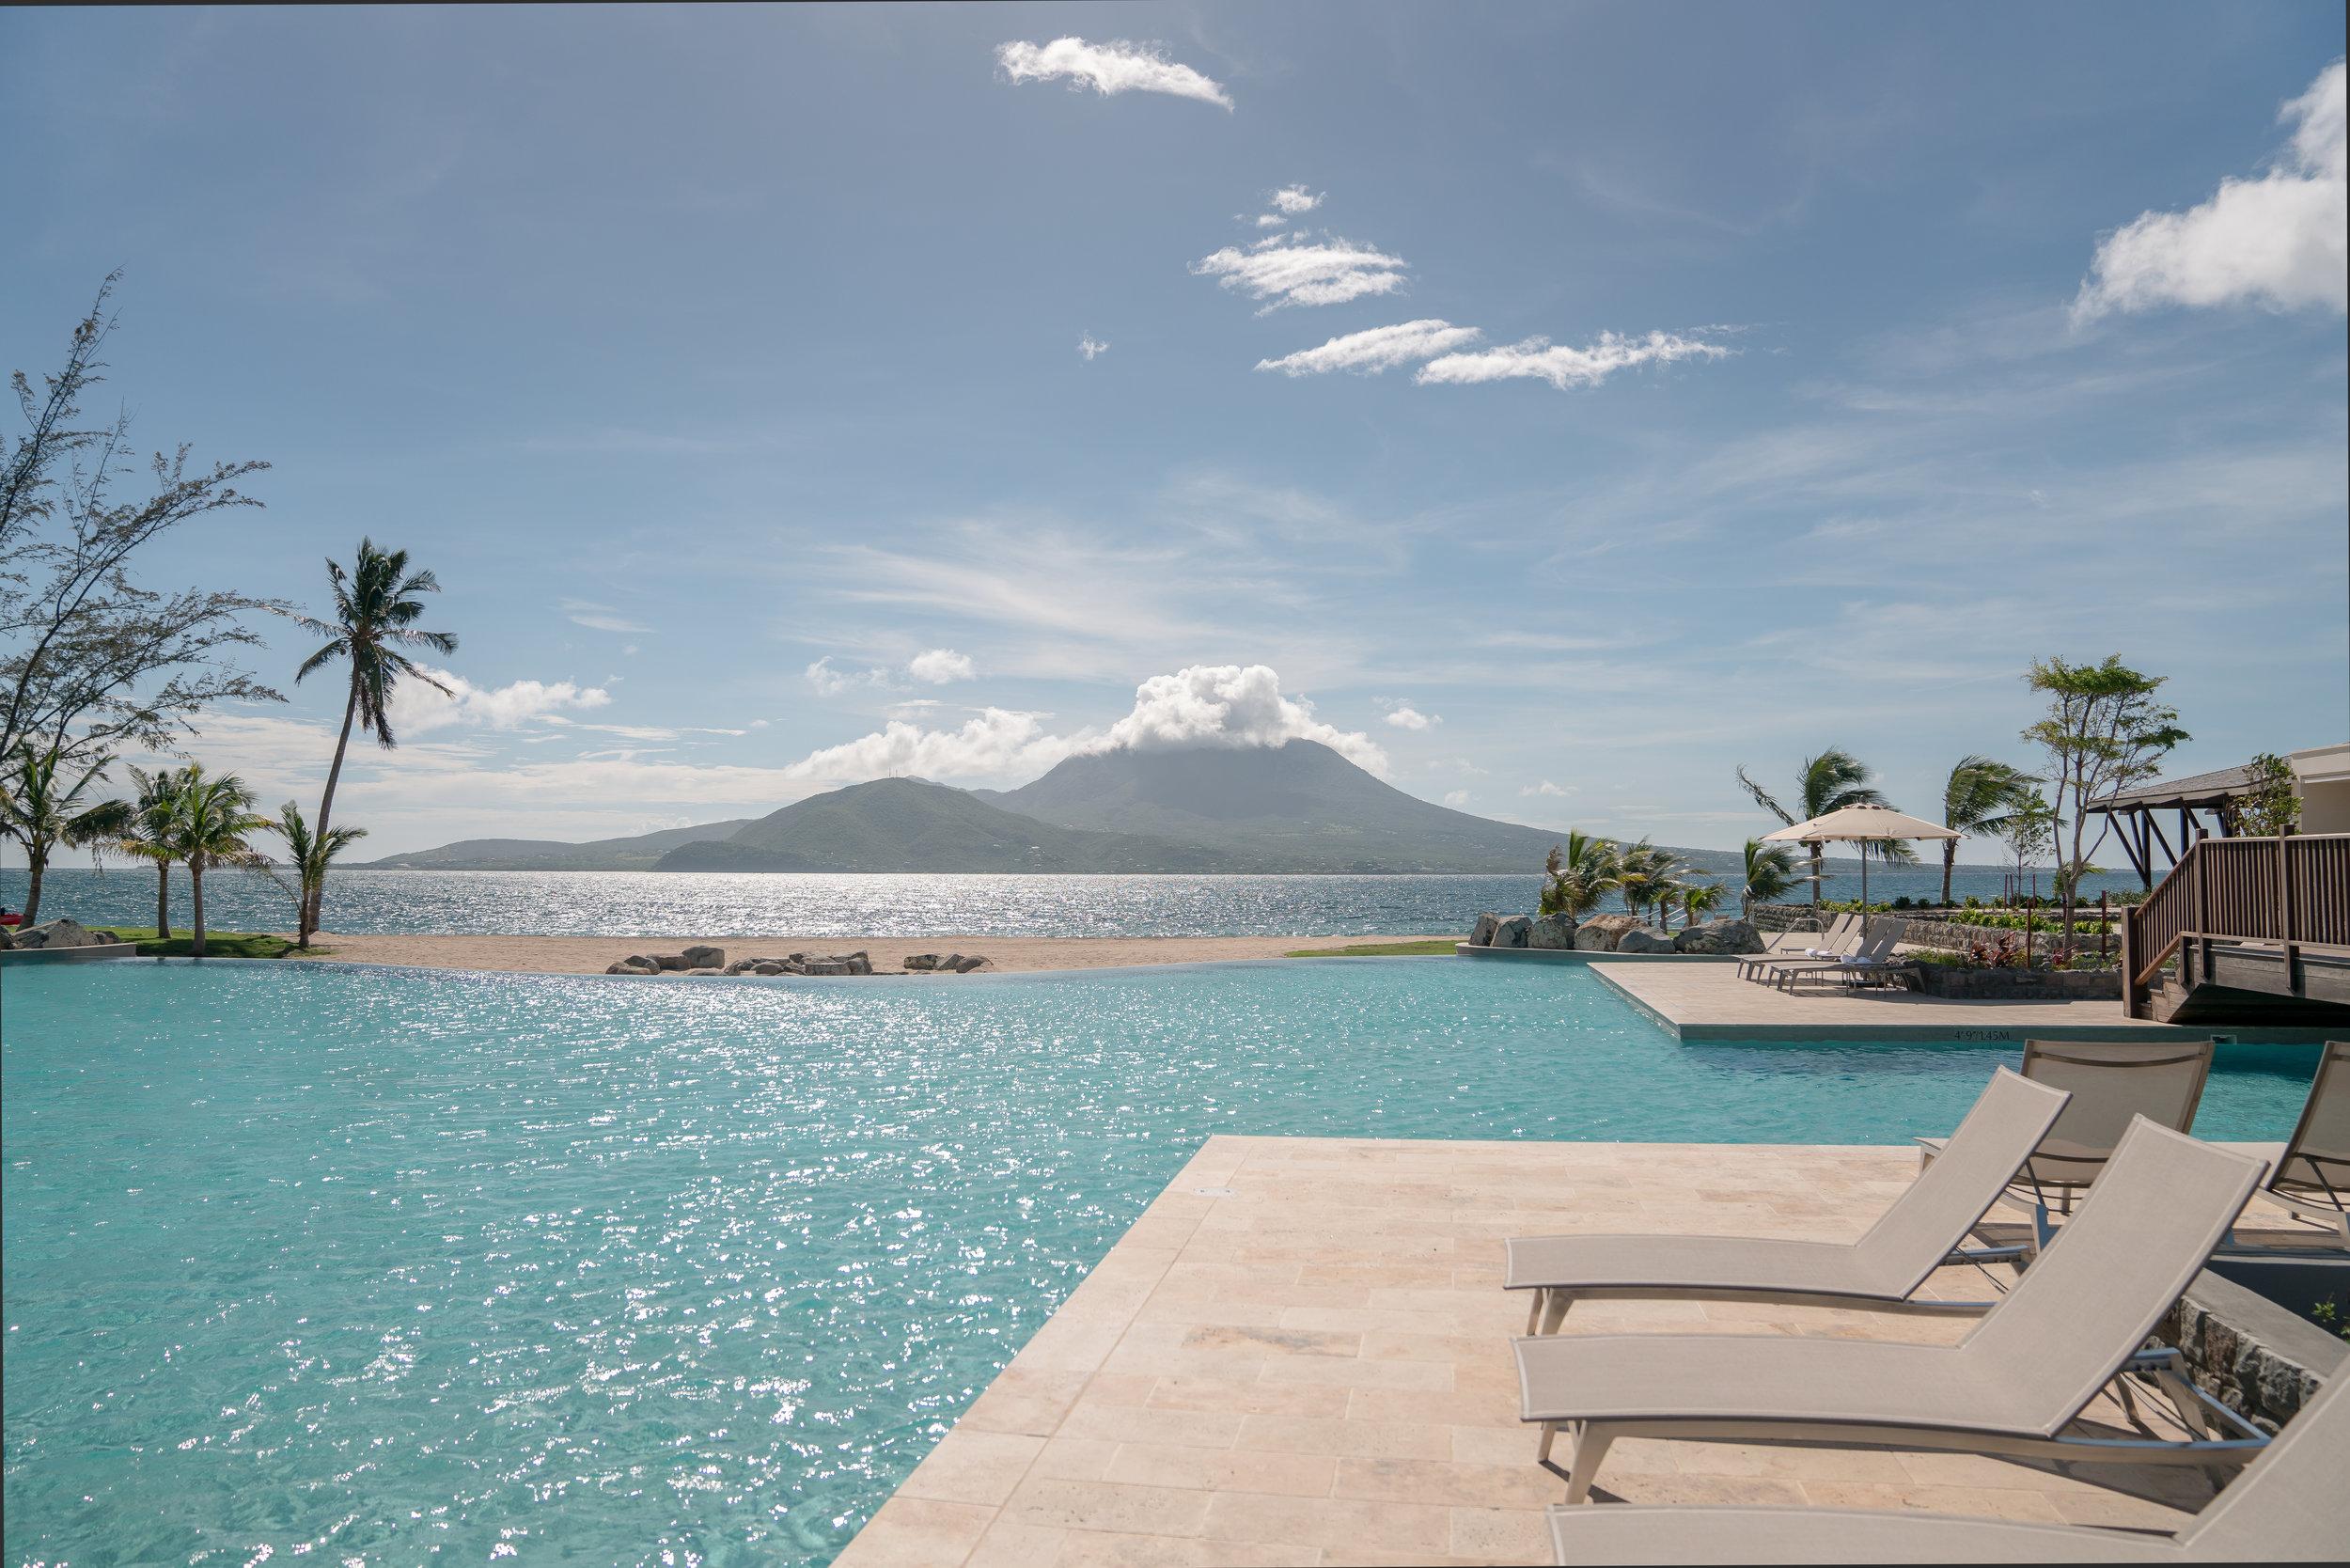 Park-Hyatt-St-Kitts-Lagoon-Pool-Nevis-Peak.jpg